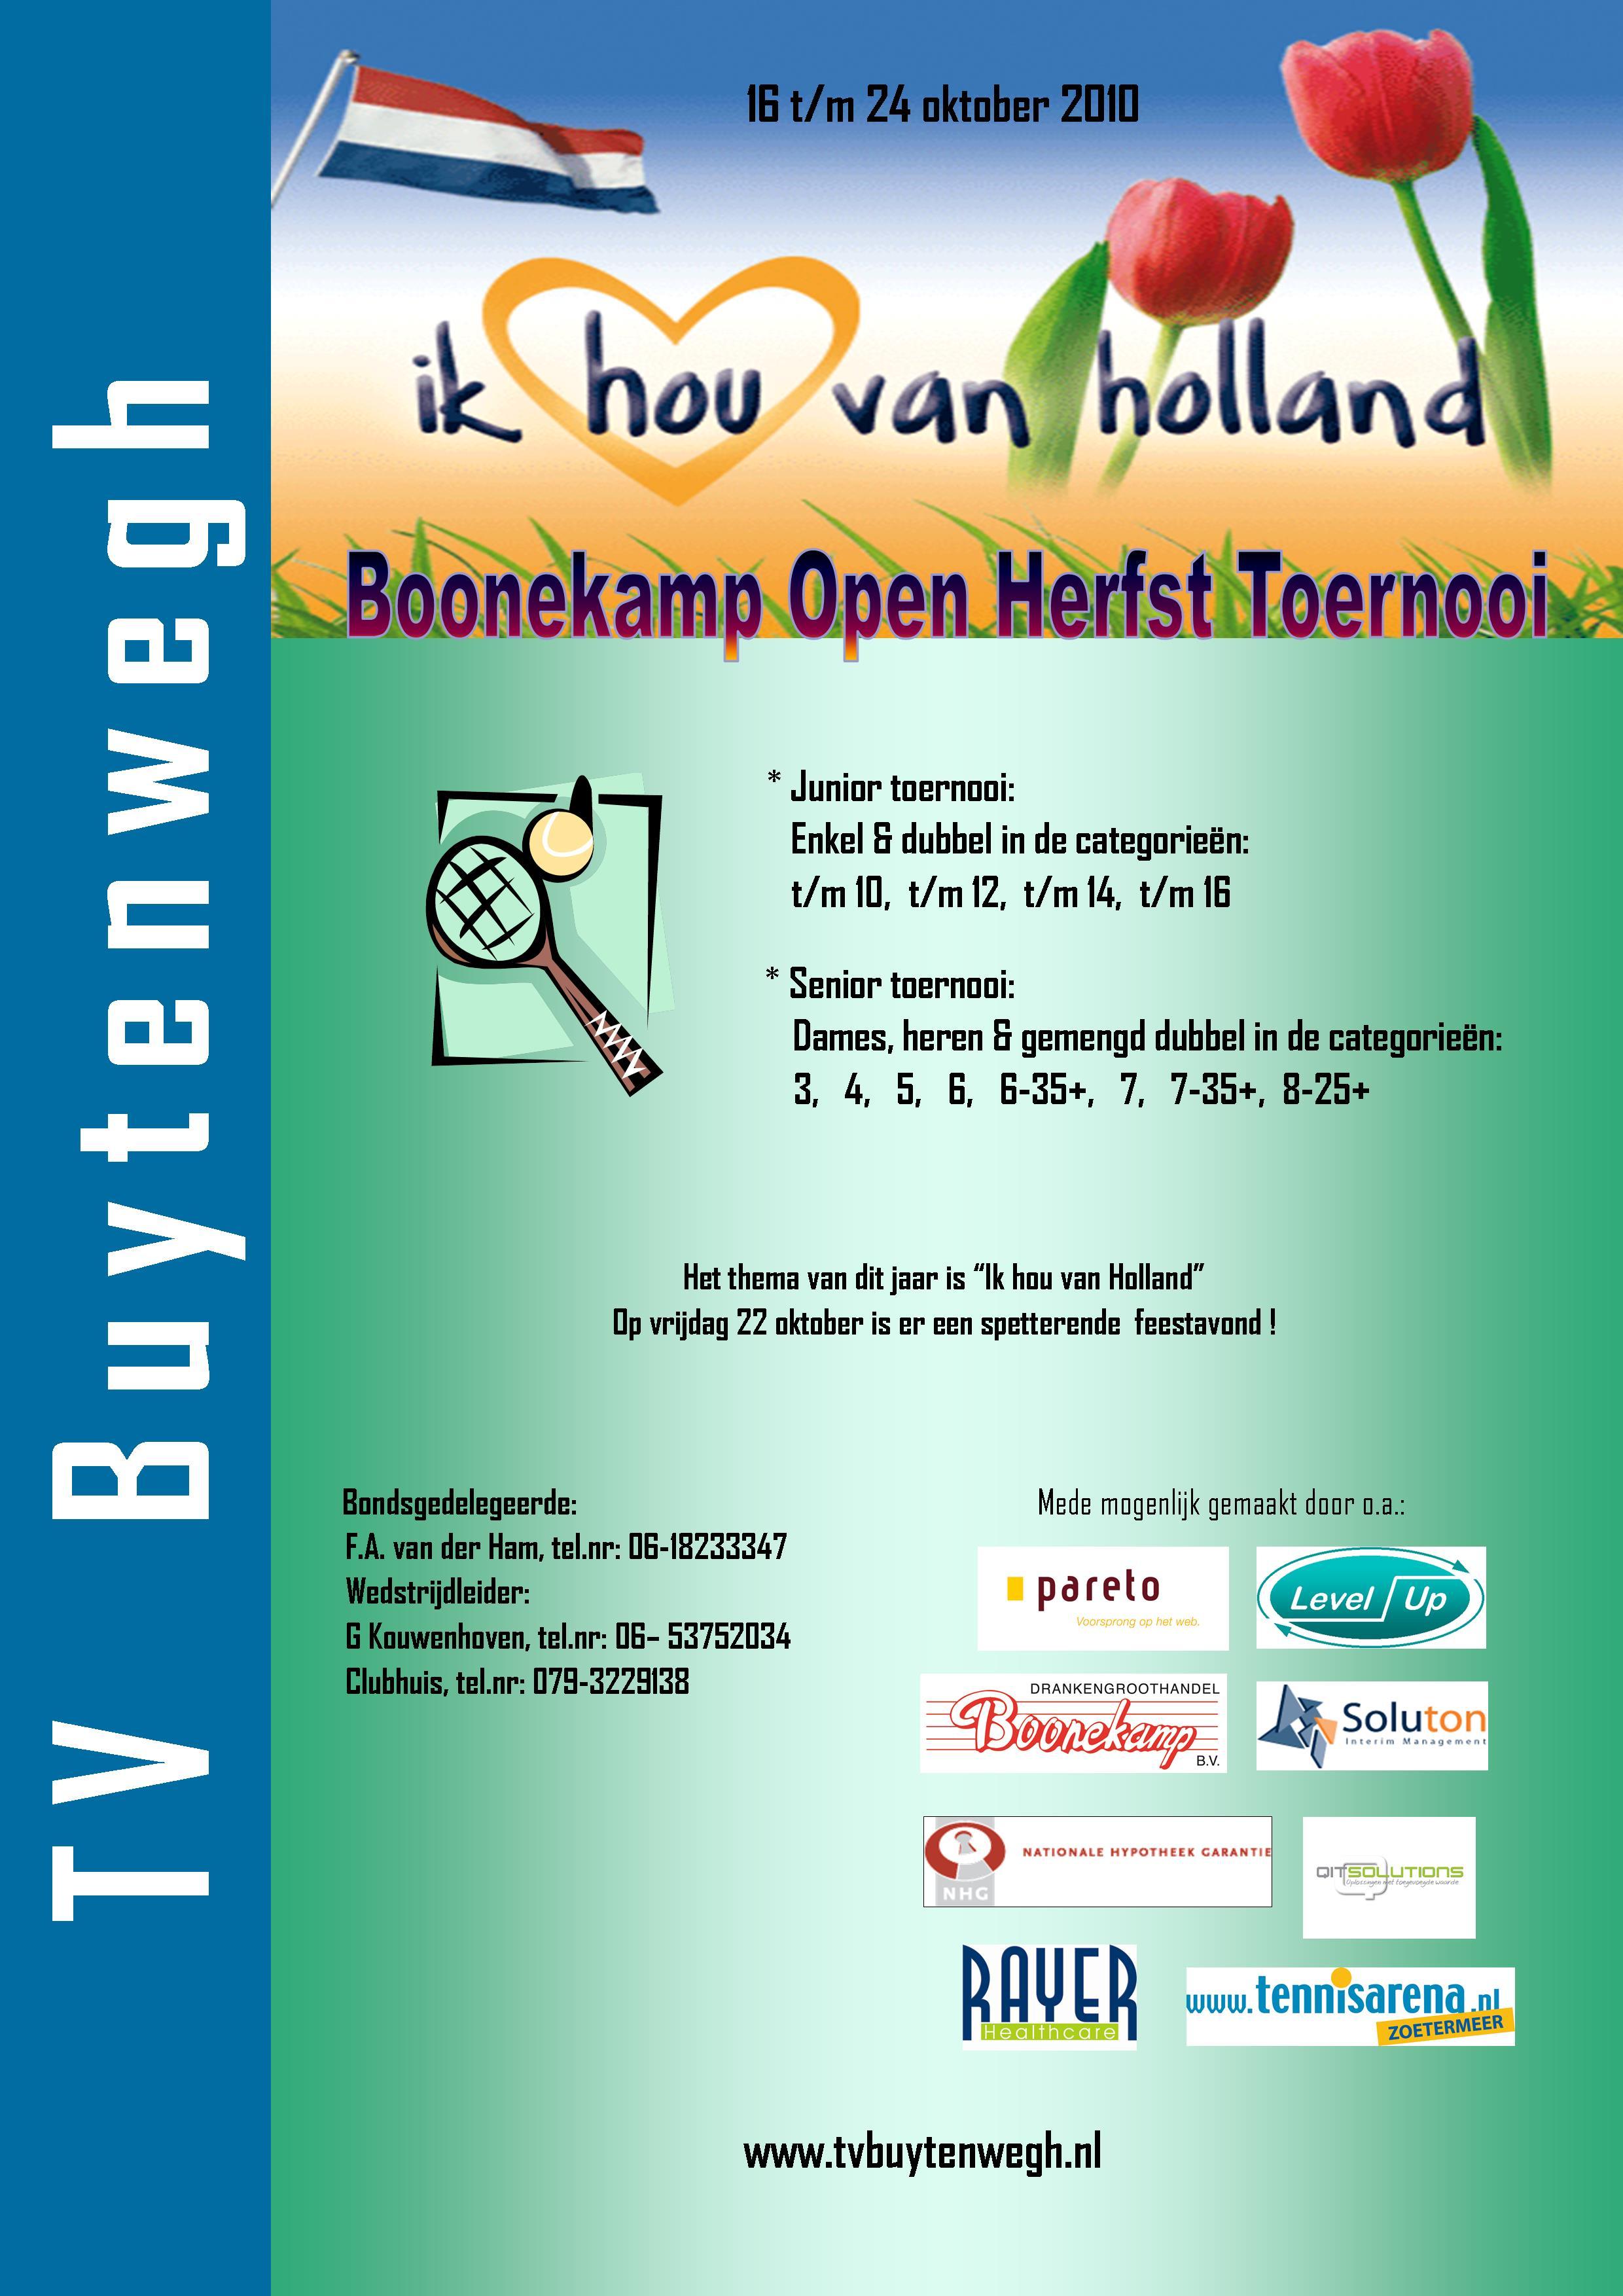 2010: Ik houd van holland